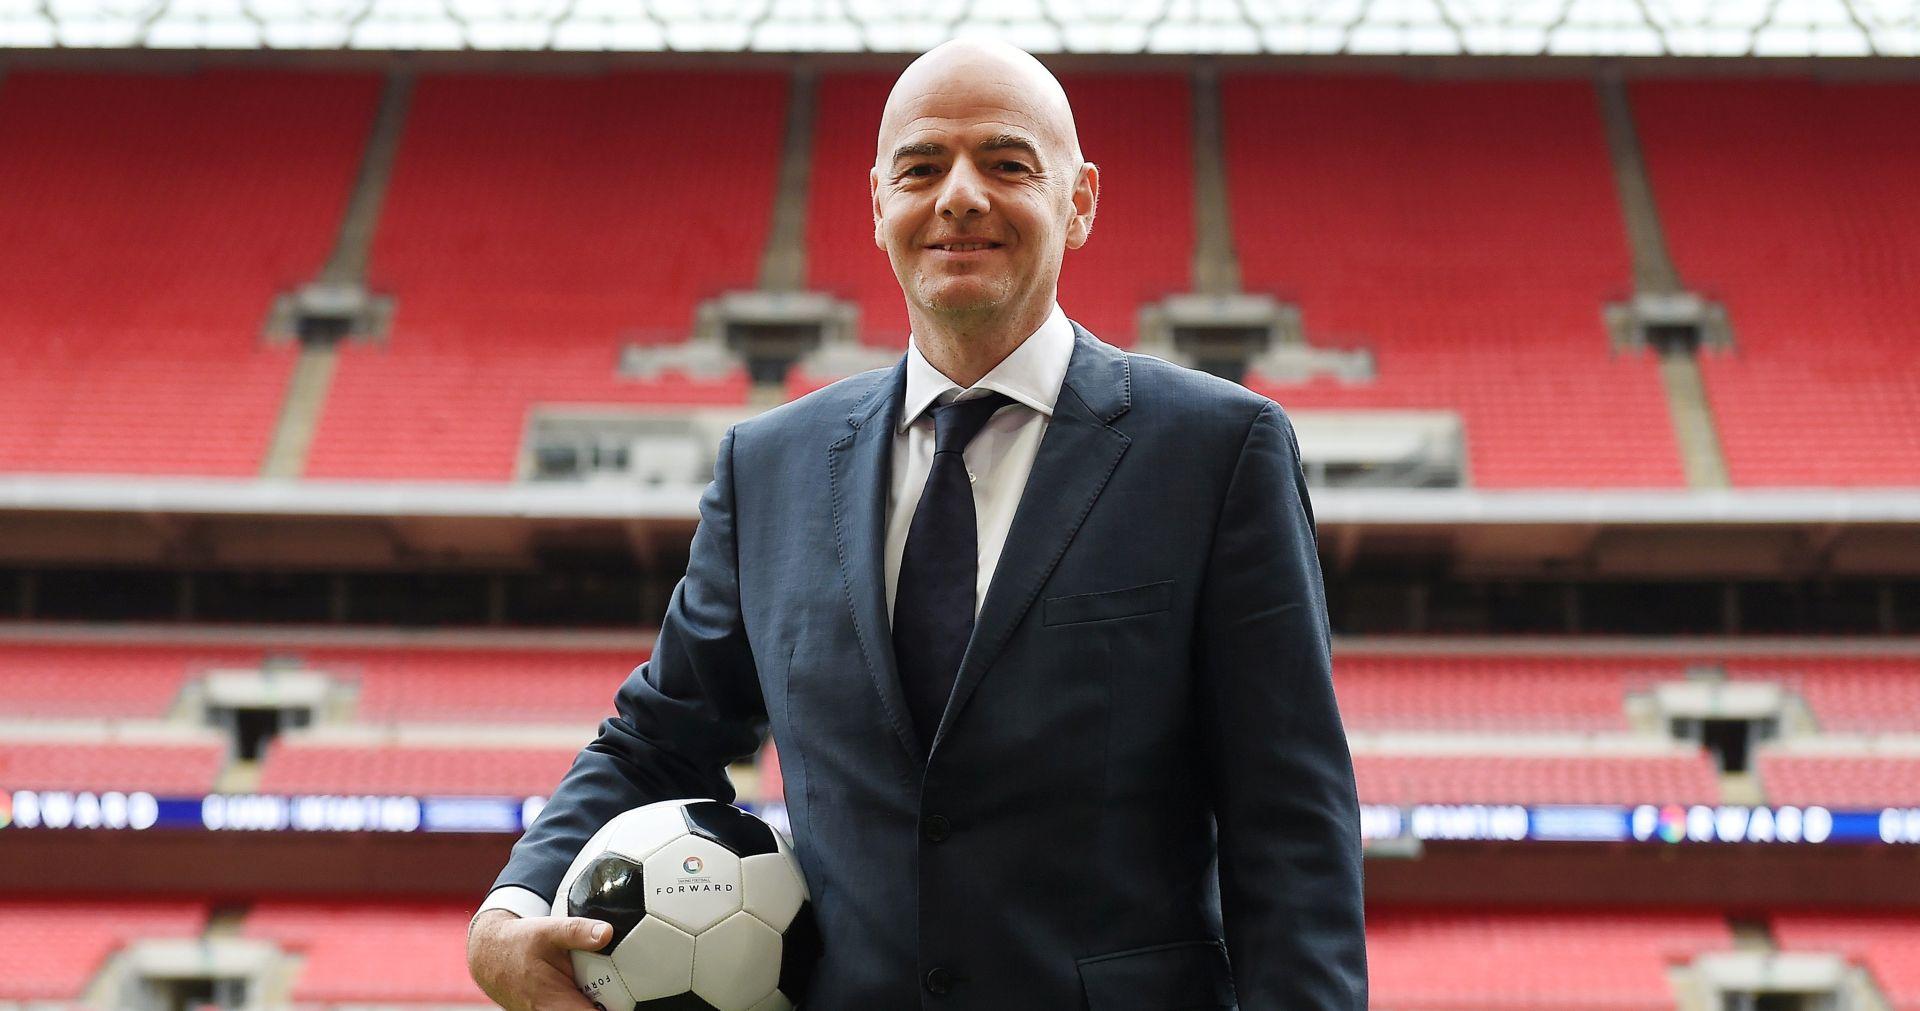 PREDSJEDNIČKI IZBORI U FIFA-I Infantino i šeik Salman glavni favoriti